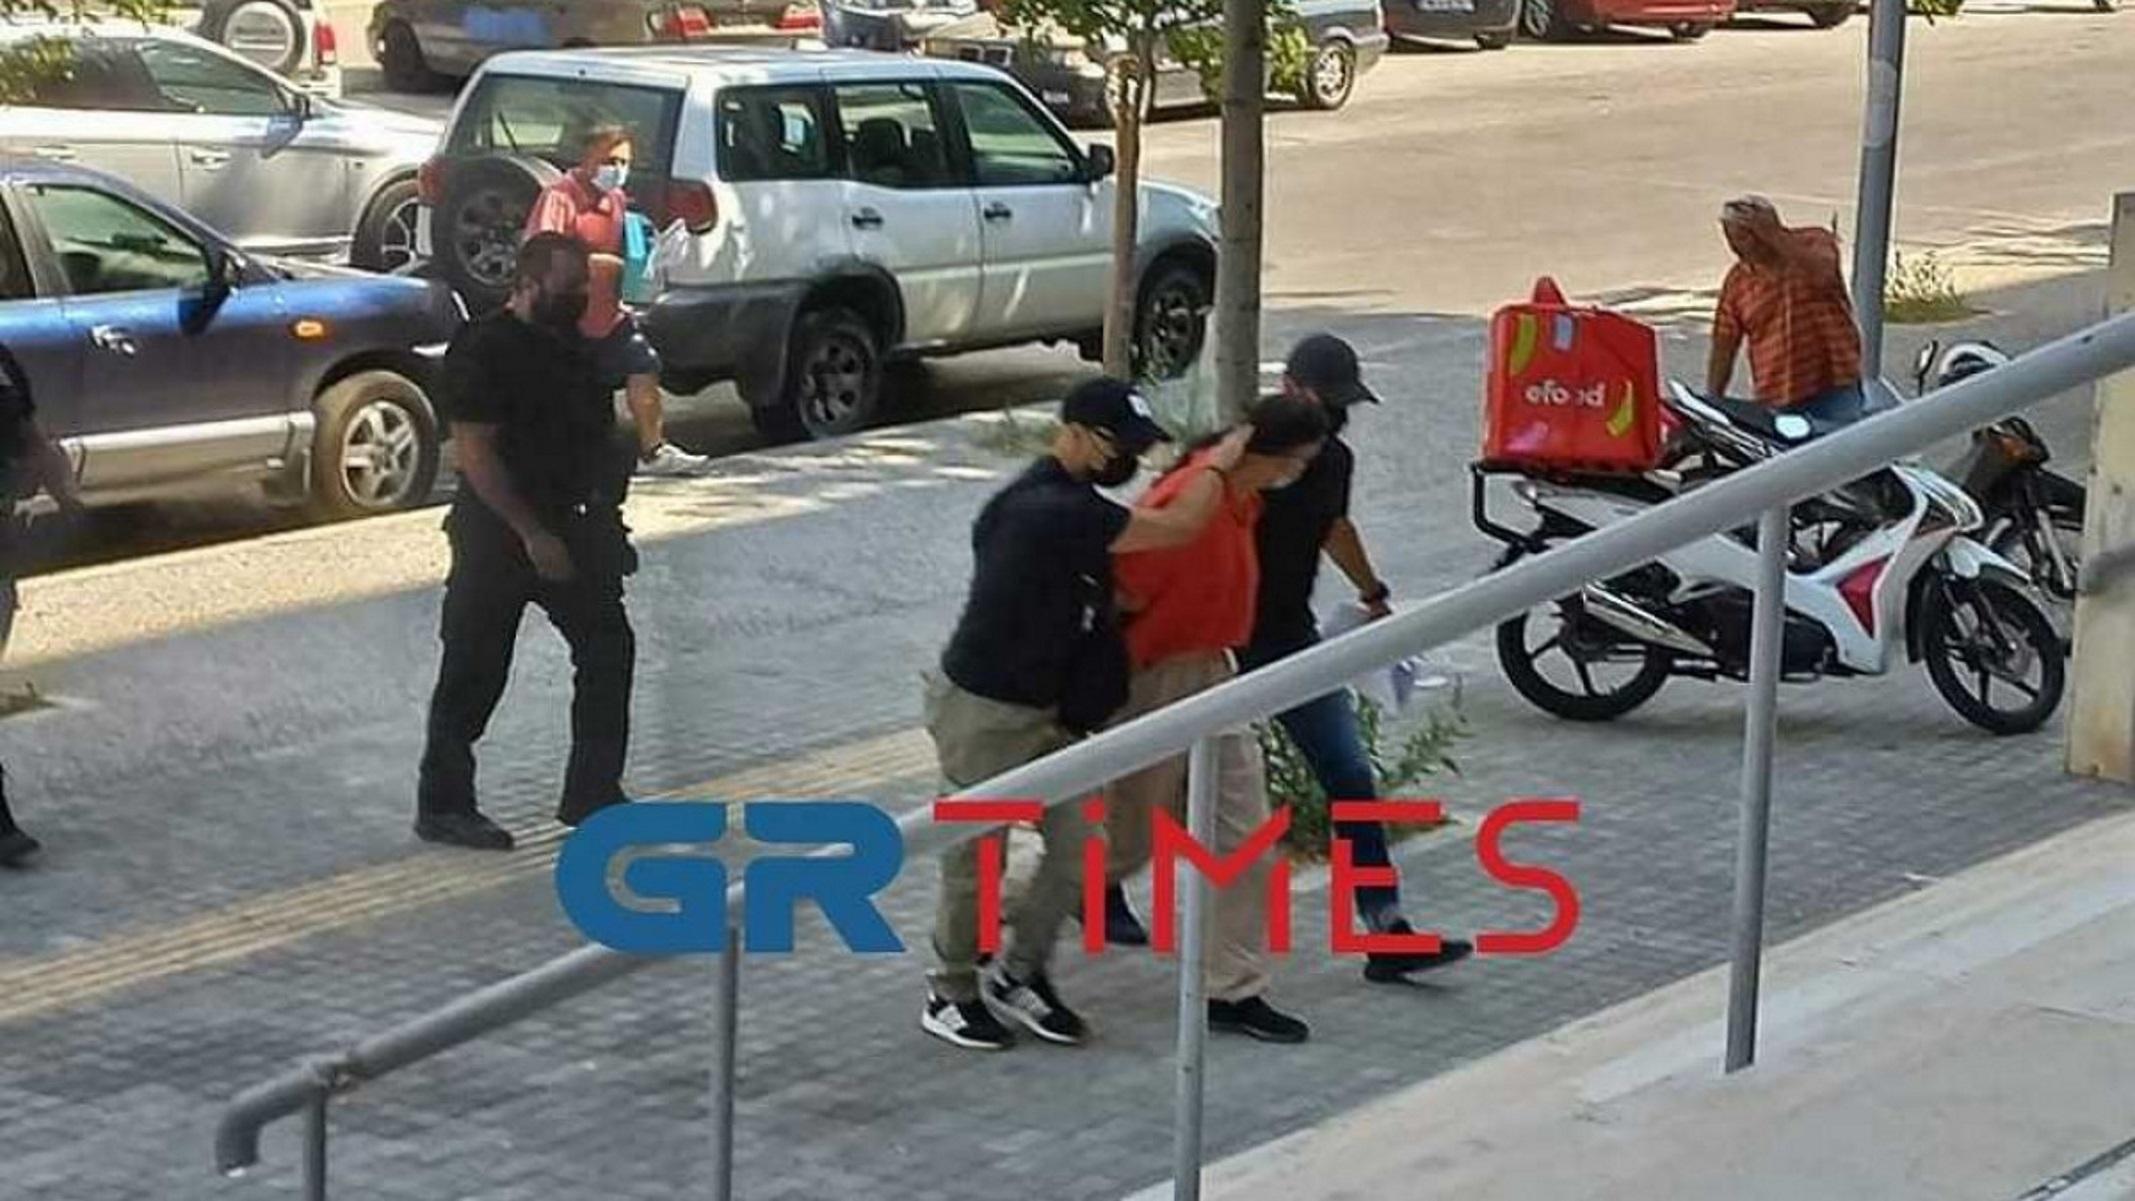 Θεσσαλονίκη: Στη φυλακή ο 48χρονος της «Επαναστατικής Αυτοάμυνας» – Θα μεταφερθεί στην Αθήνα